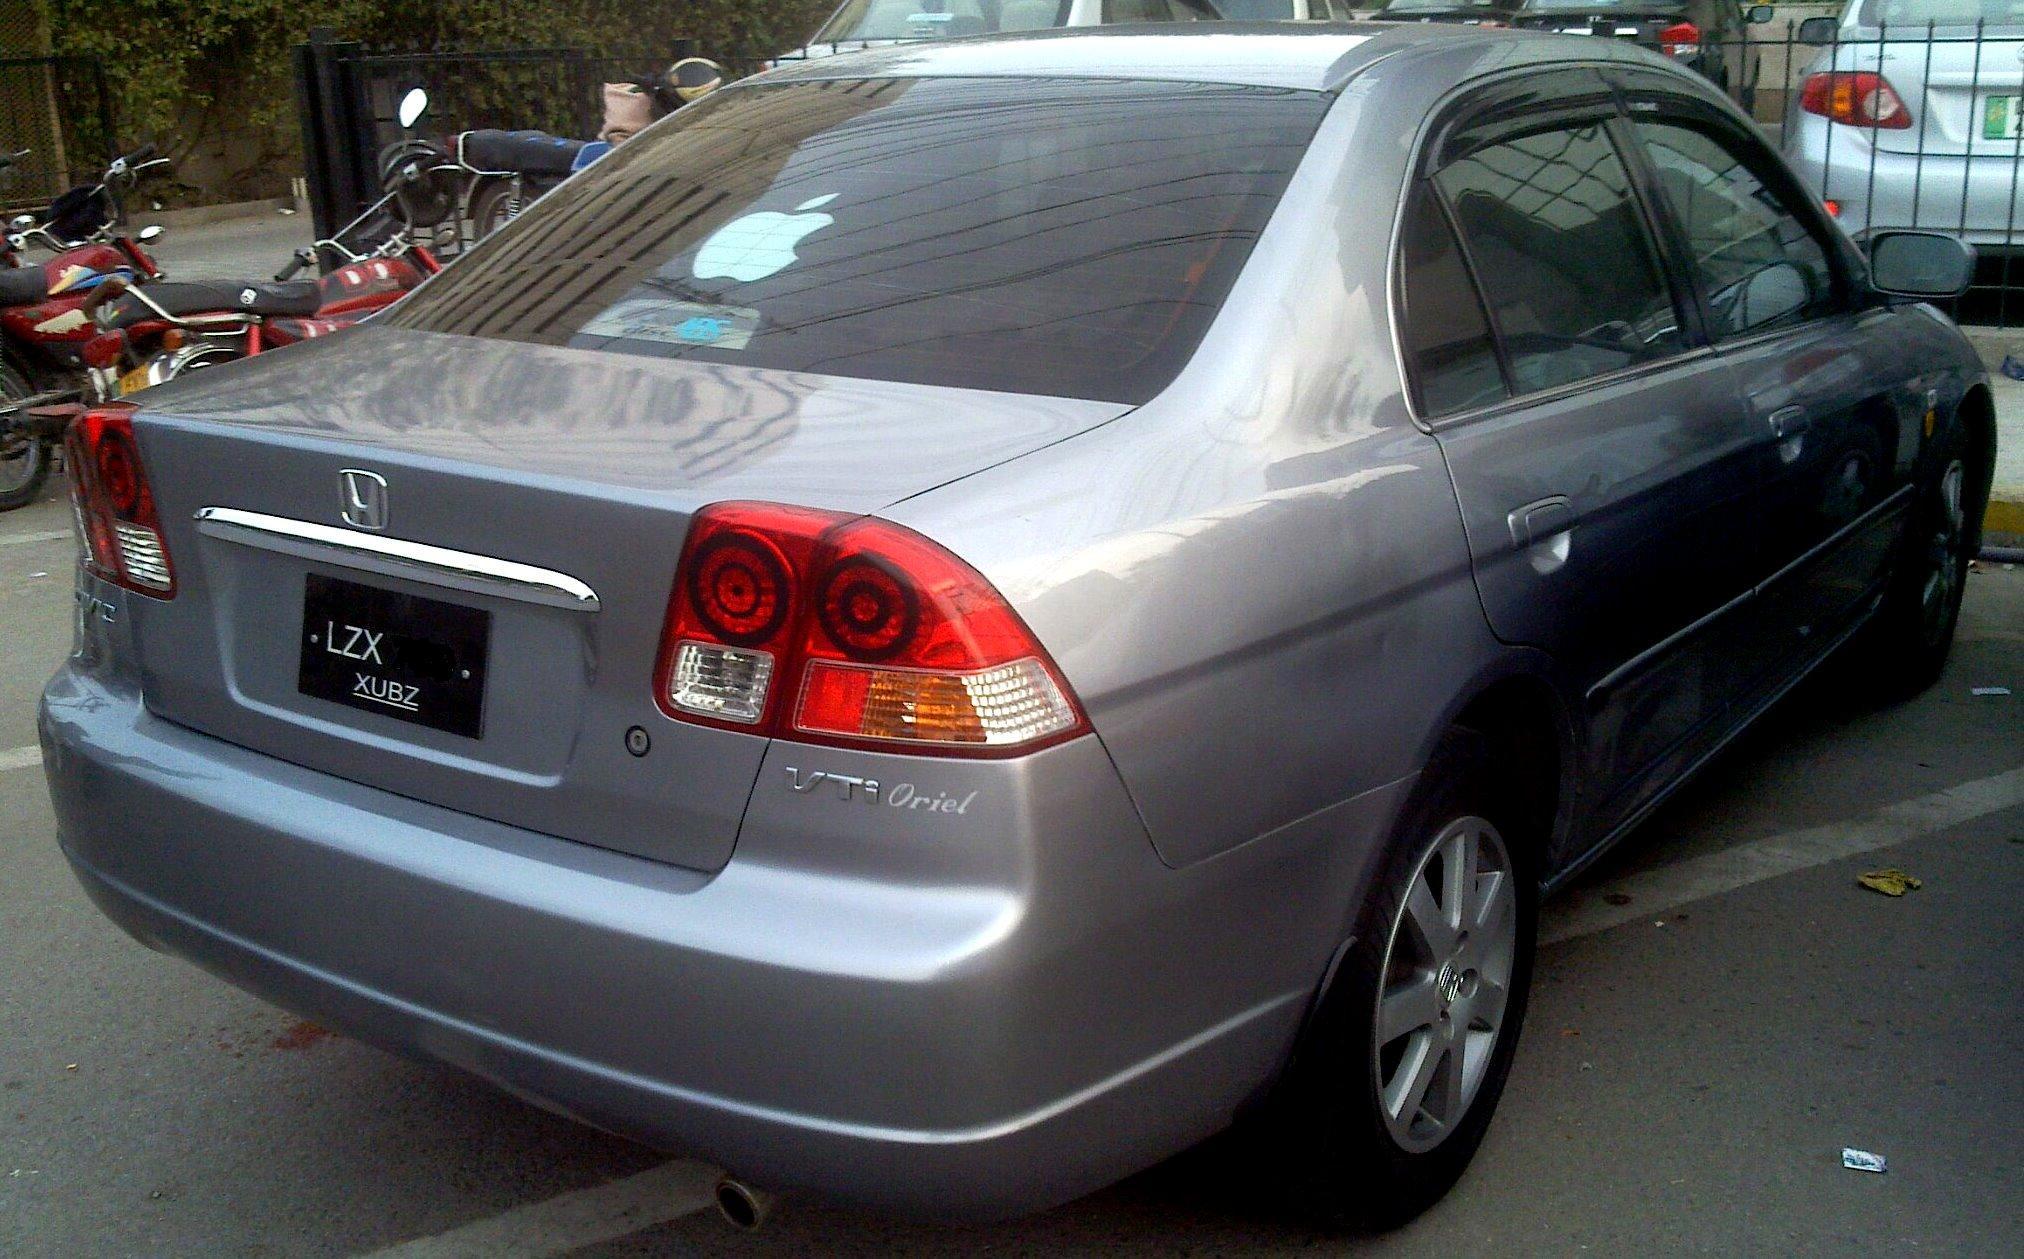 Honda Civic 2005 Of Xubz Member Ride 14890 Pakwheels